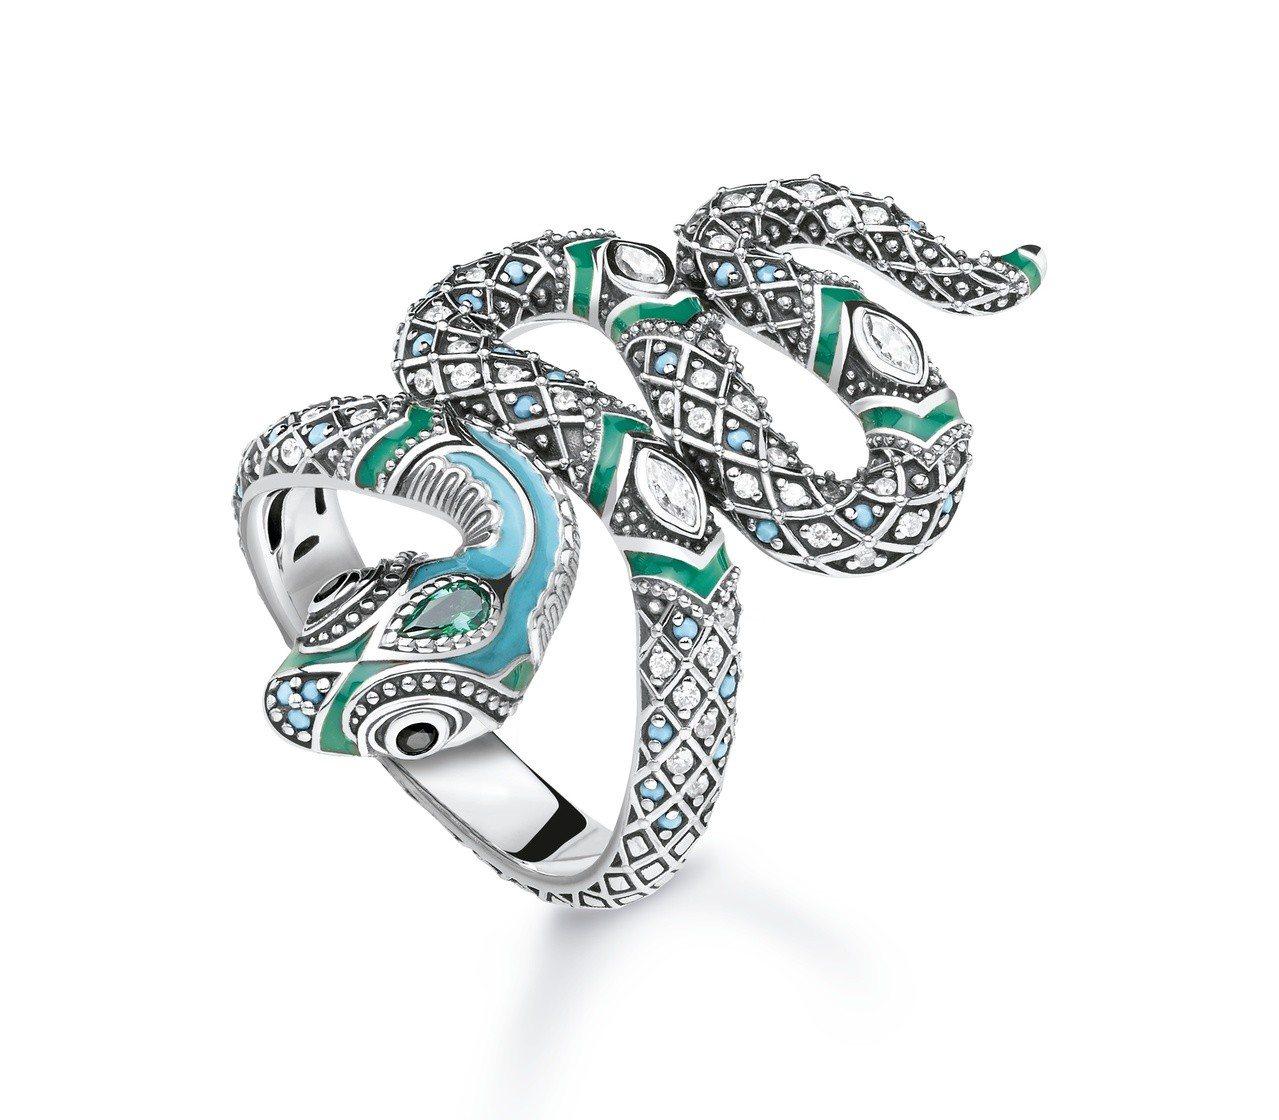 純銀神秘之蛇戒指 ,15,800元。圖/Thomas Sabo提供